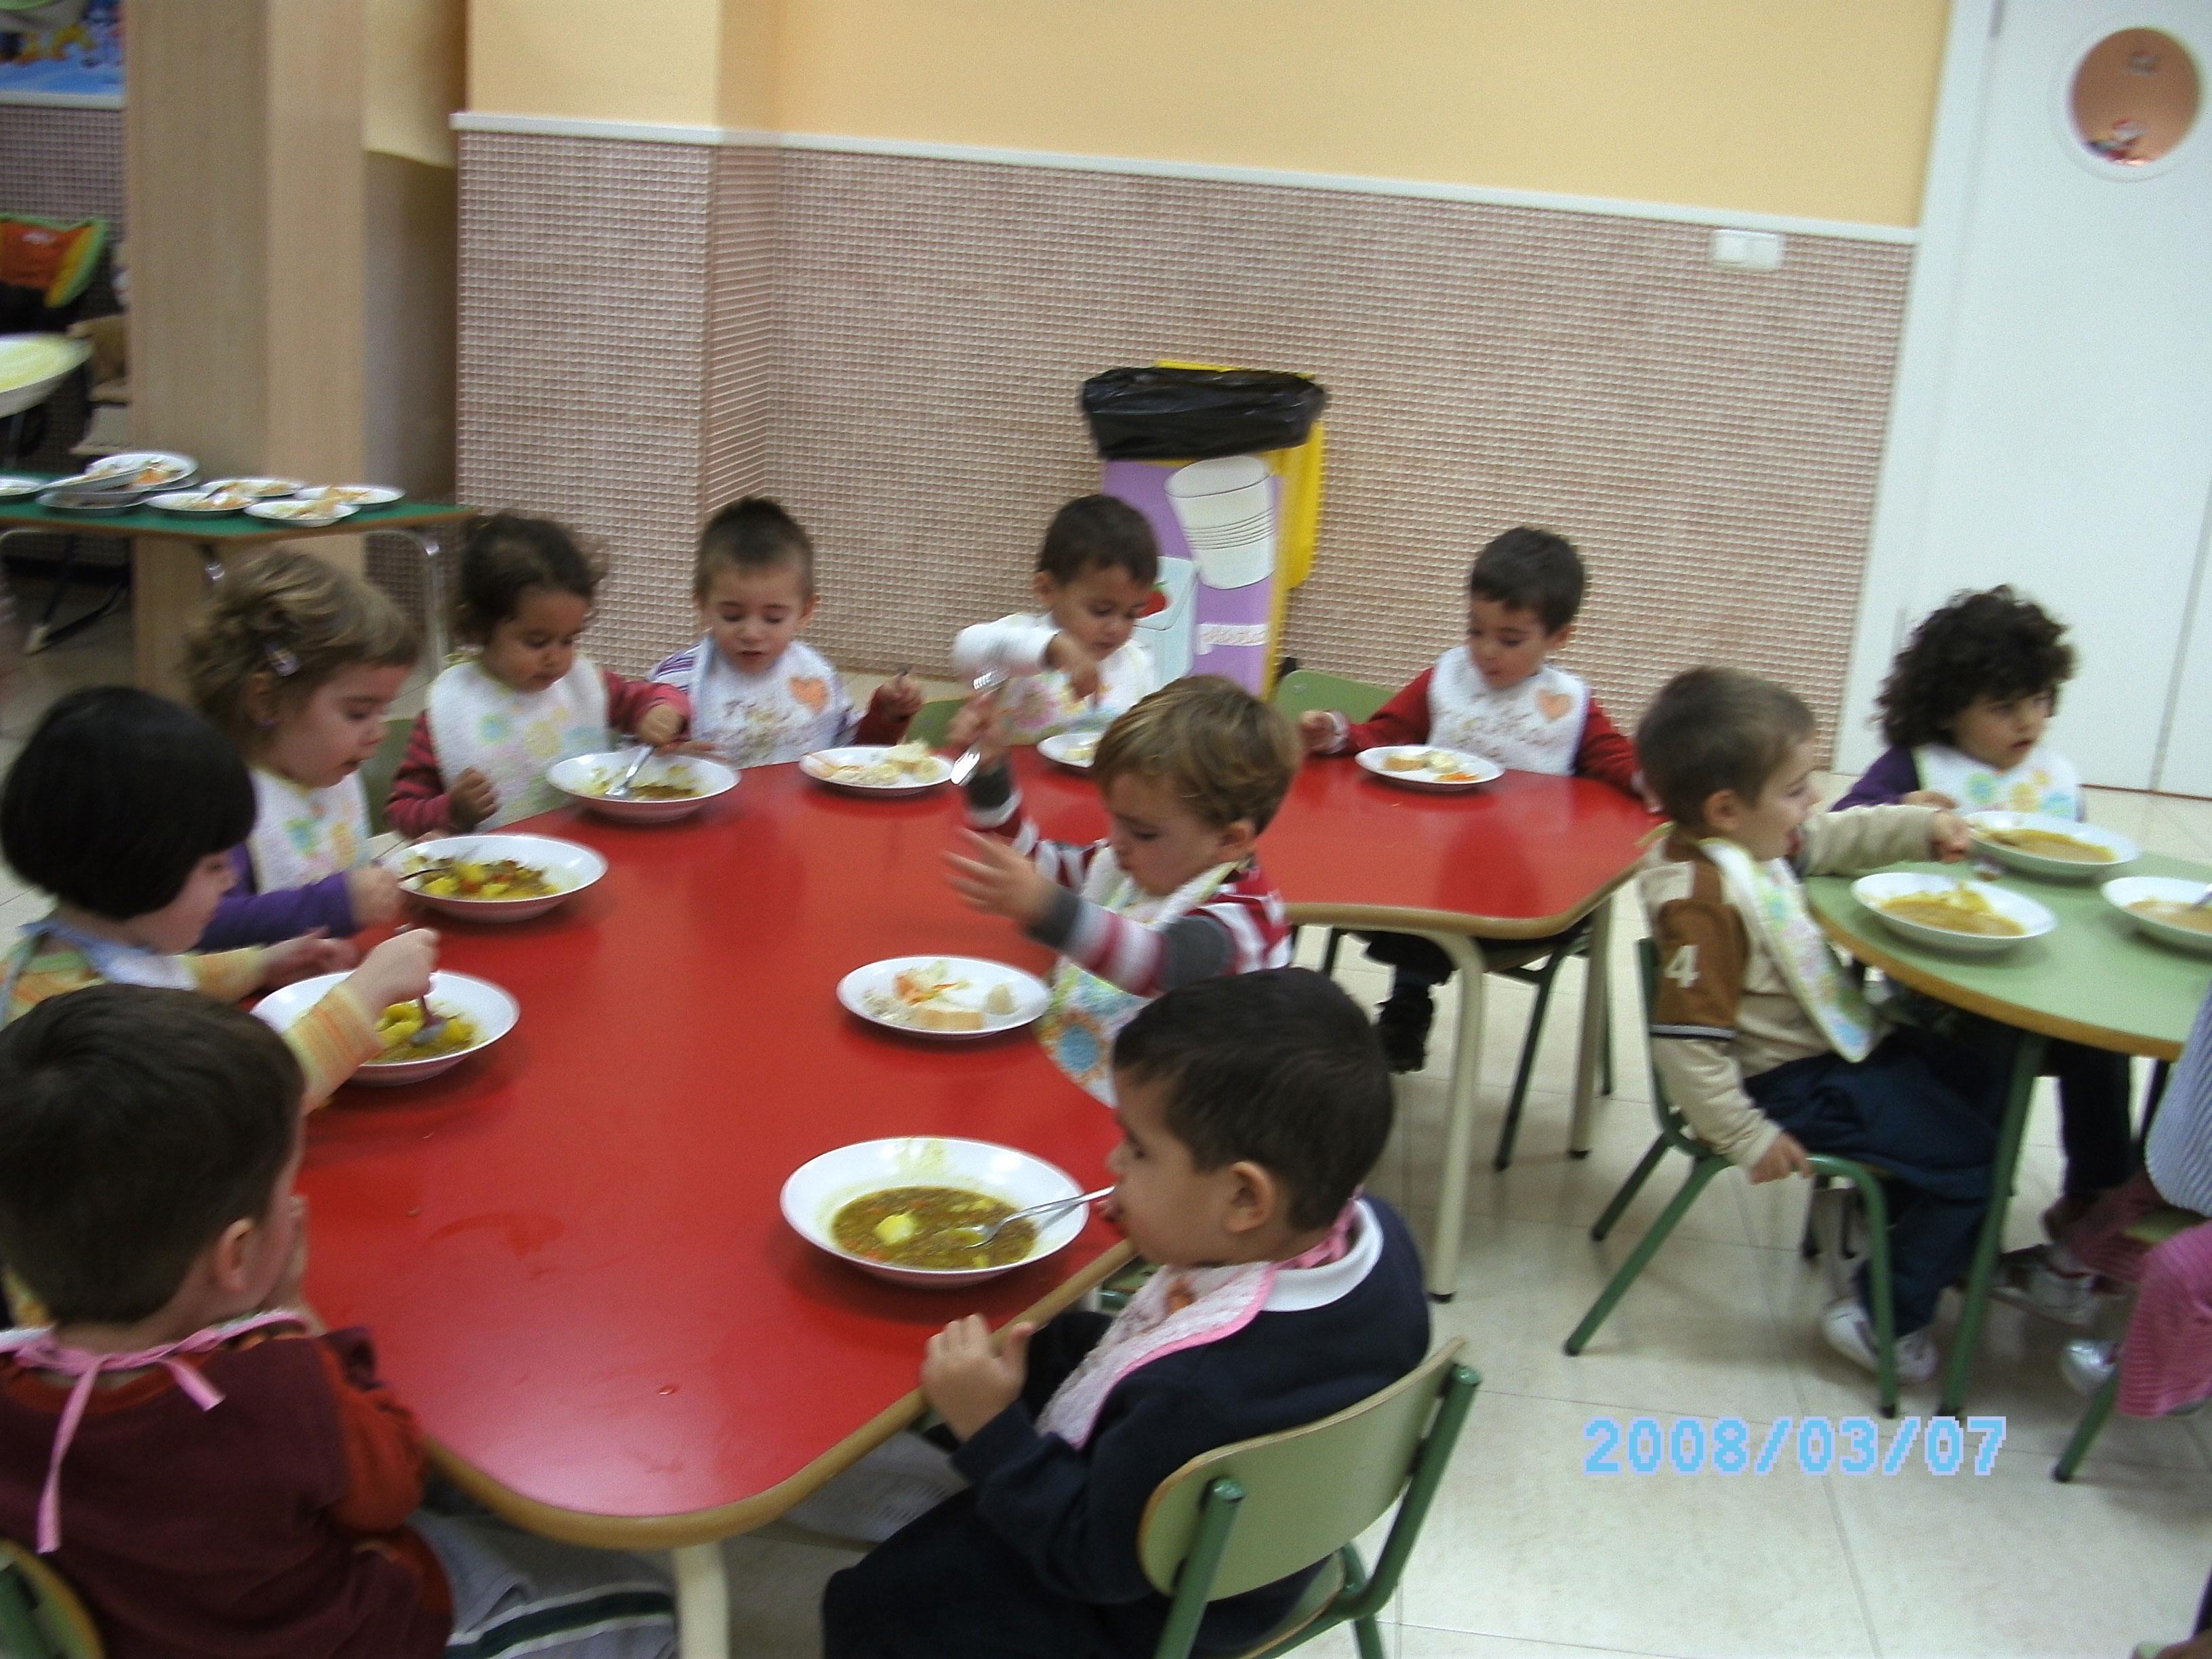 Escuela infantil municipal bambi centros de educaci n for Comedor de escuela